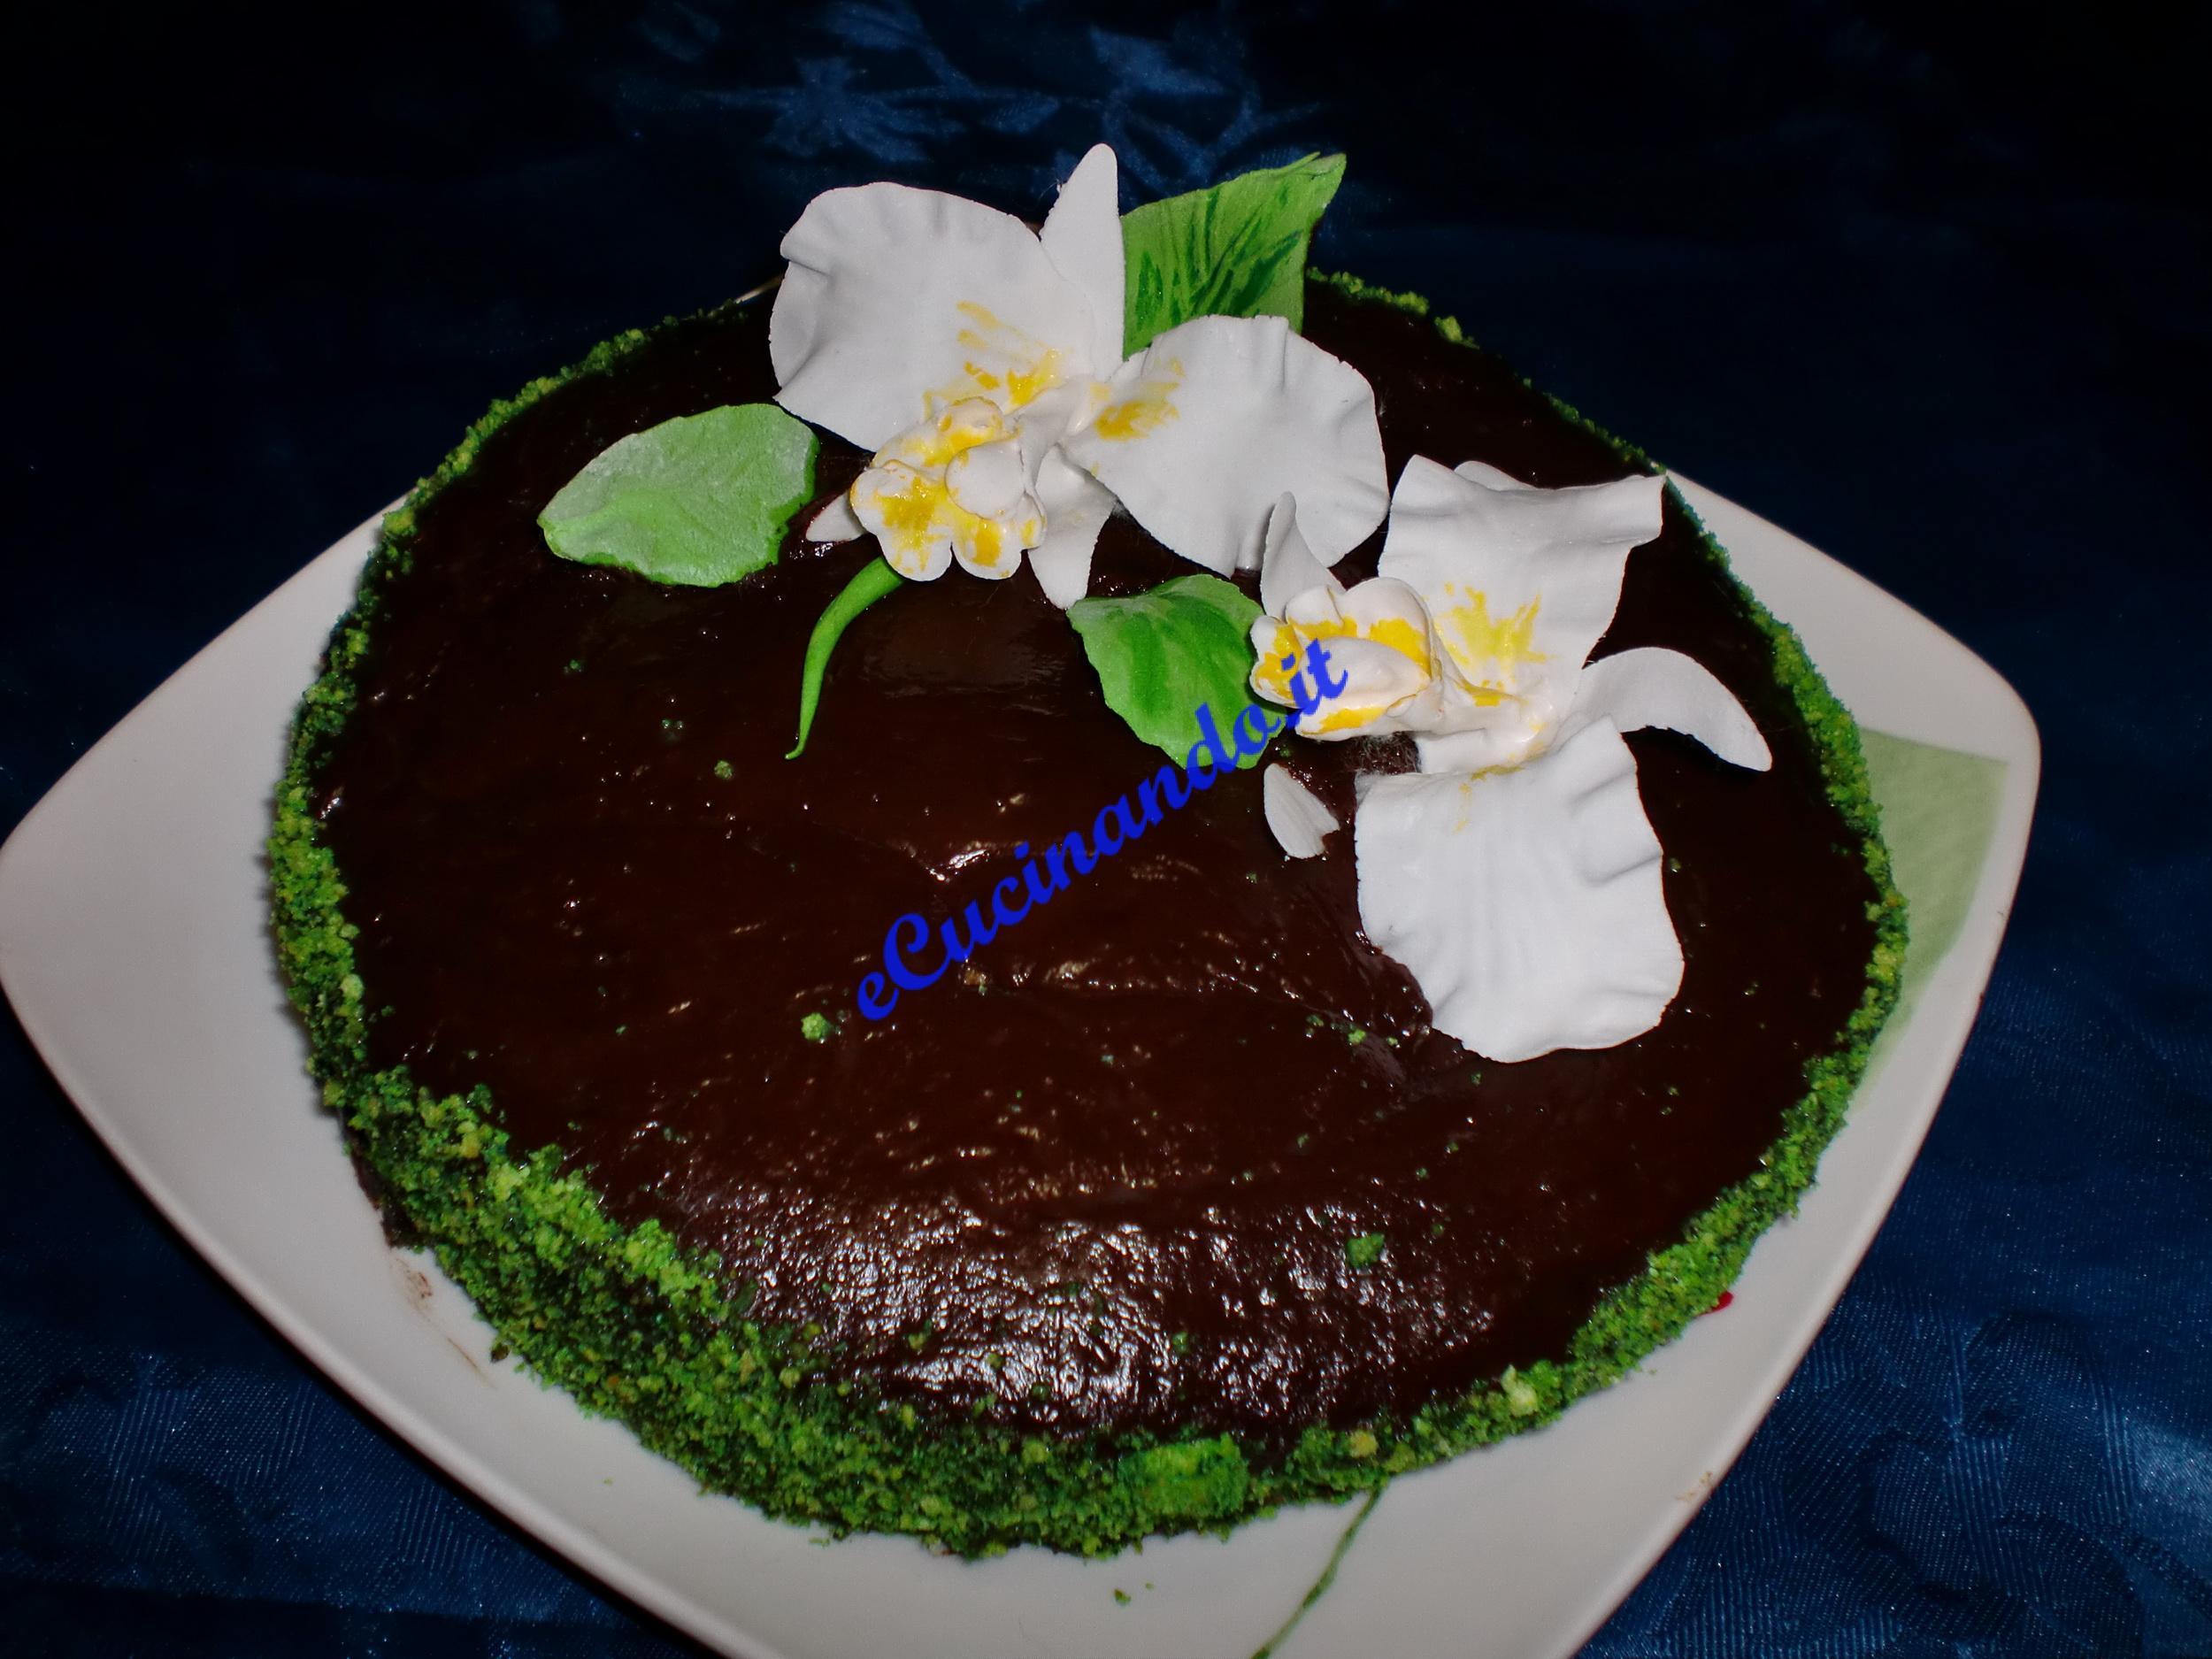 Ecucinando It Torta Di Buon Compleanno A Silvana Discutiamo Le